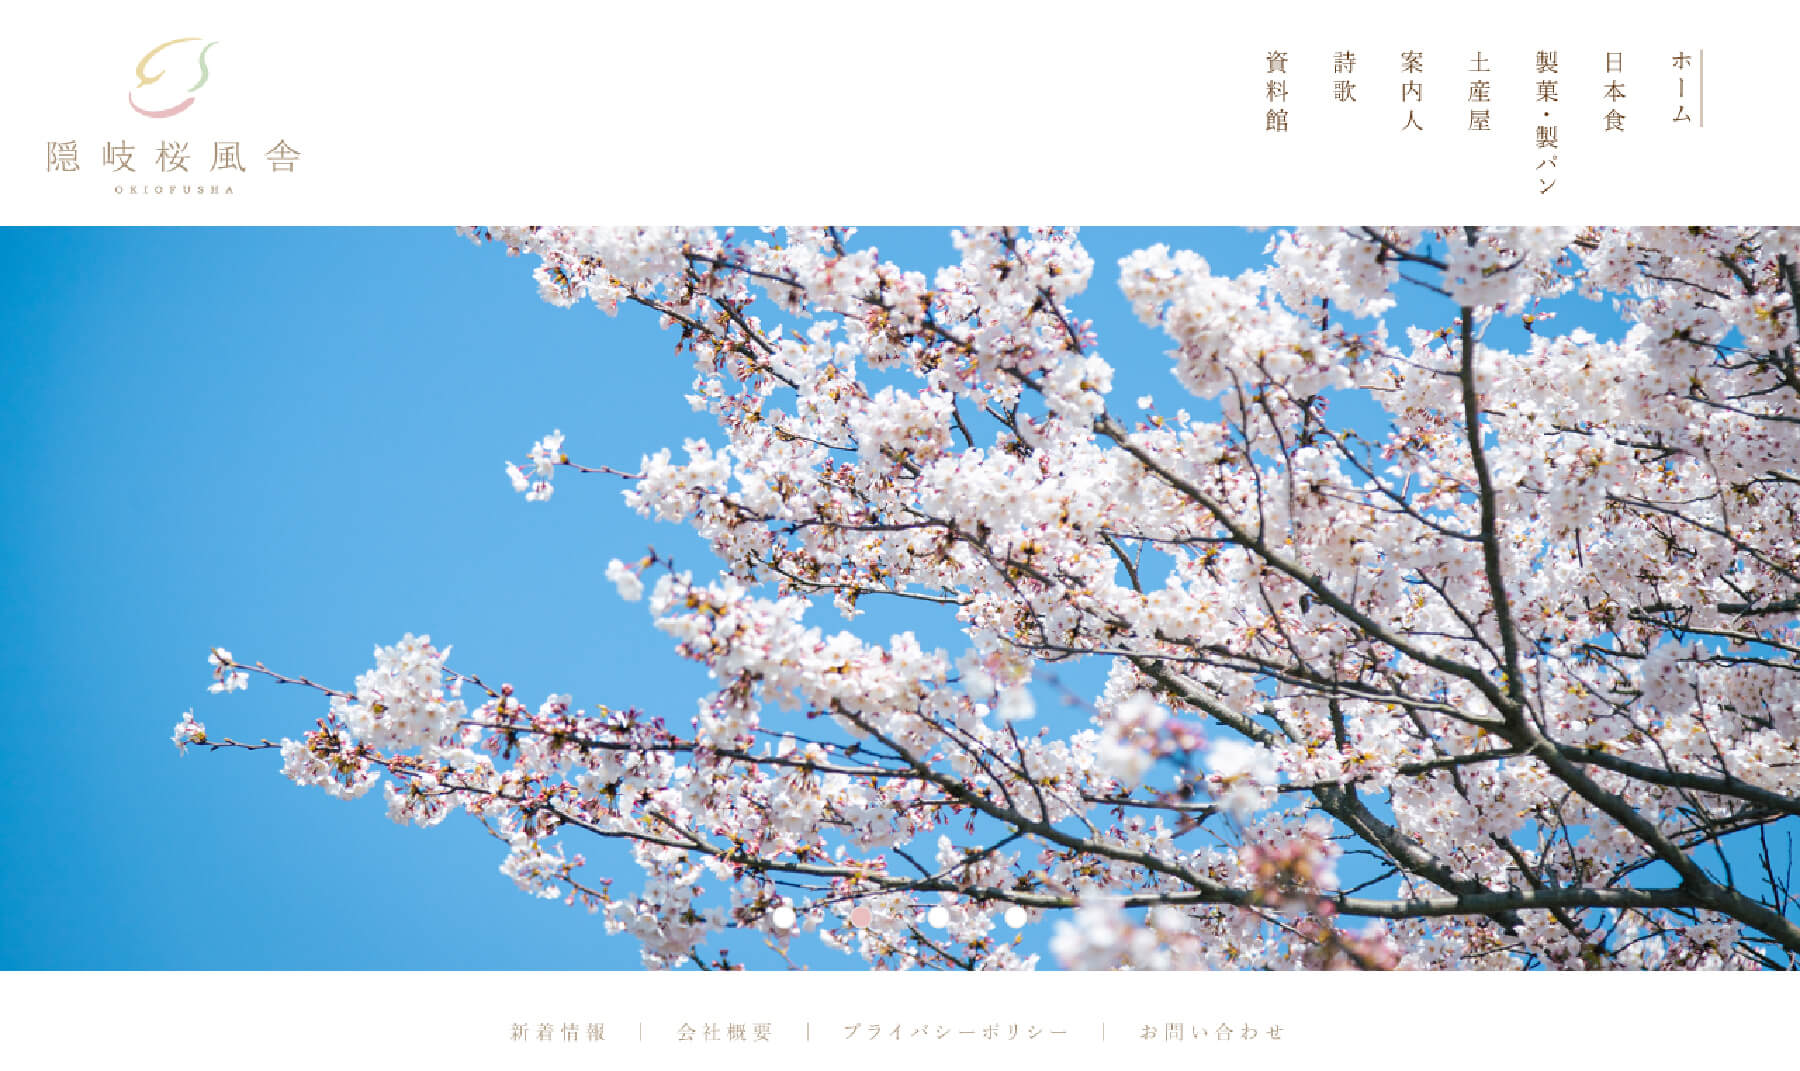 2021年4月1日 株式会社隠岐桜風舎のホームページを新たに開設いたしました。ぜひ一度ご覧ください。